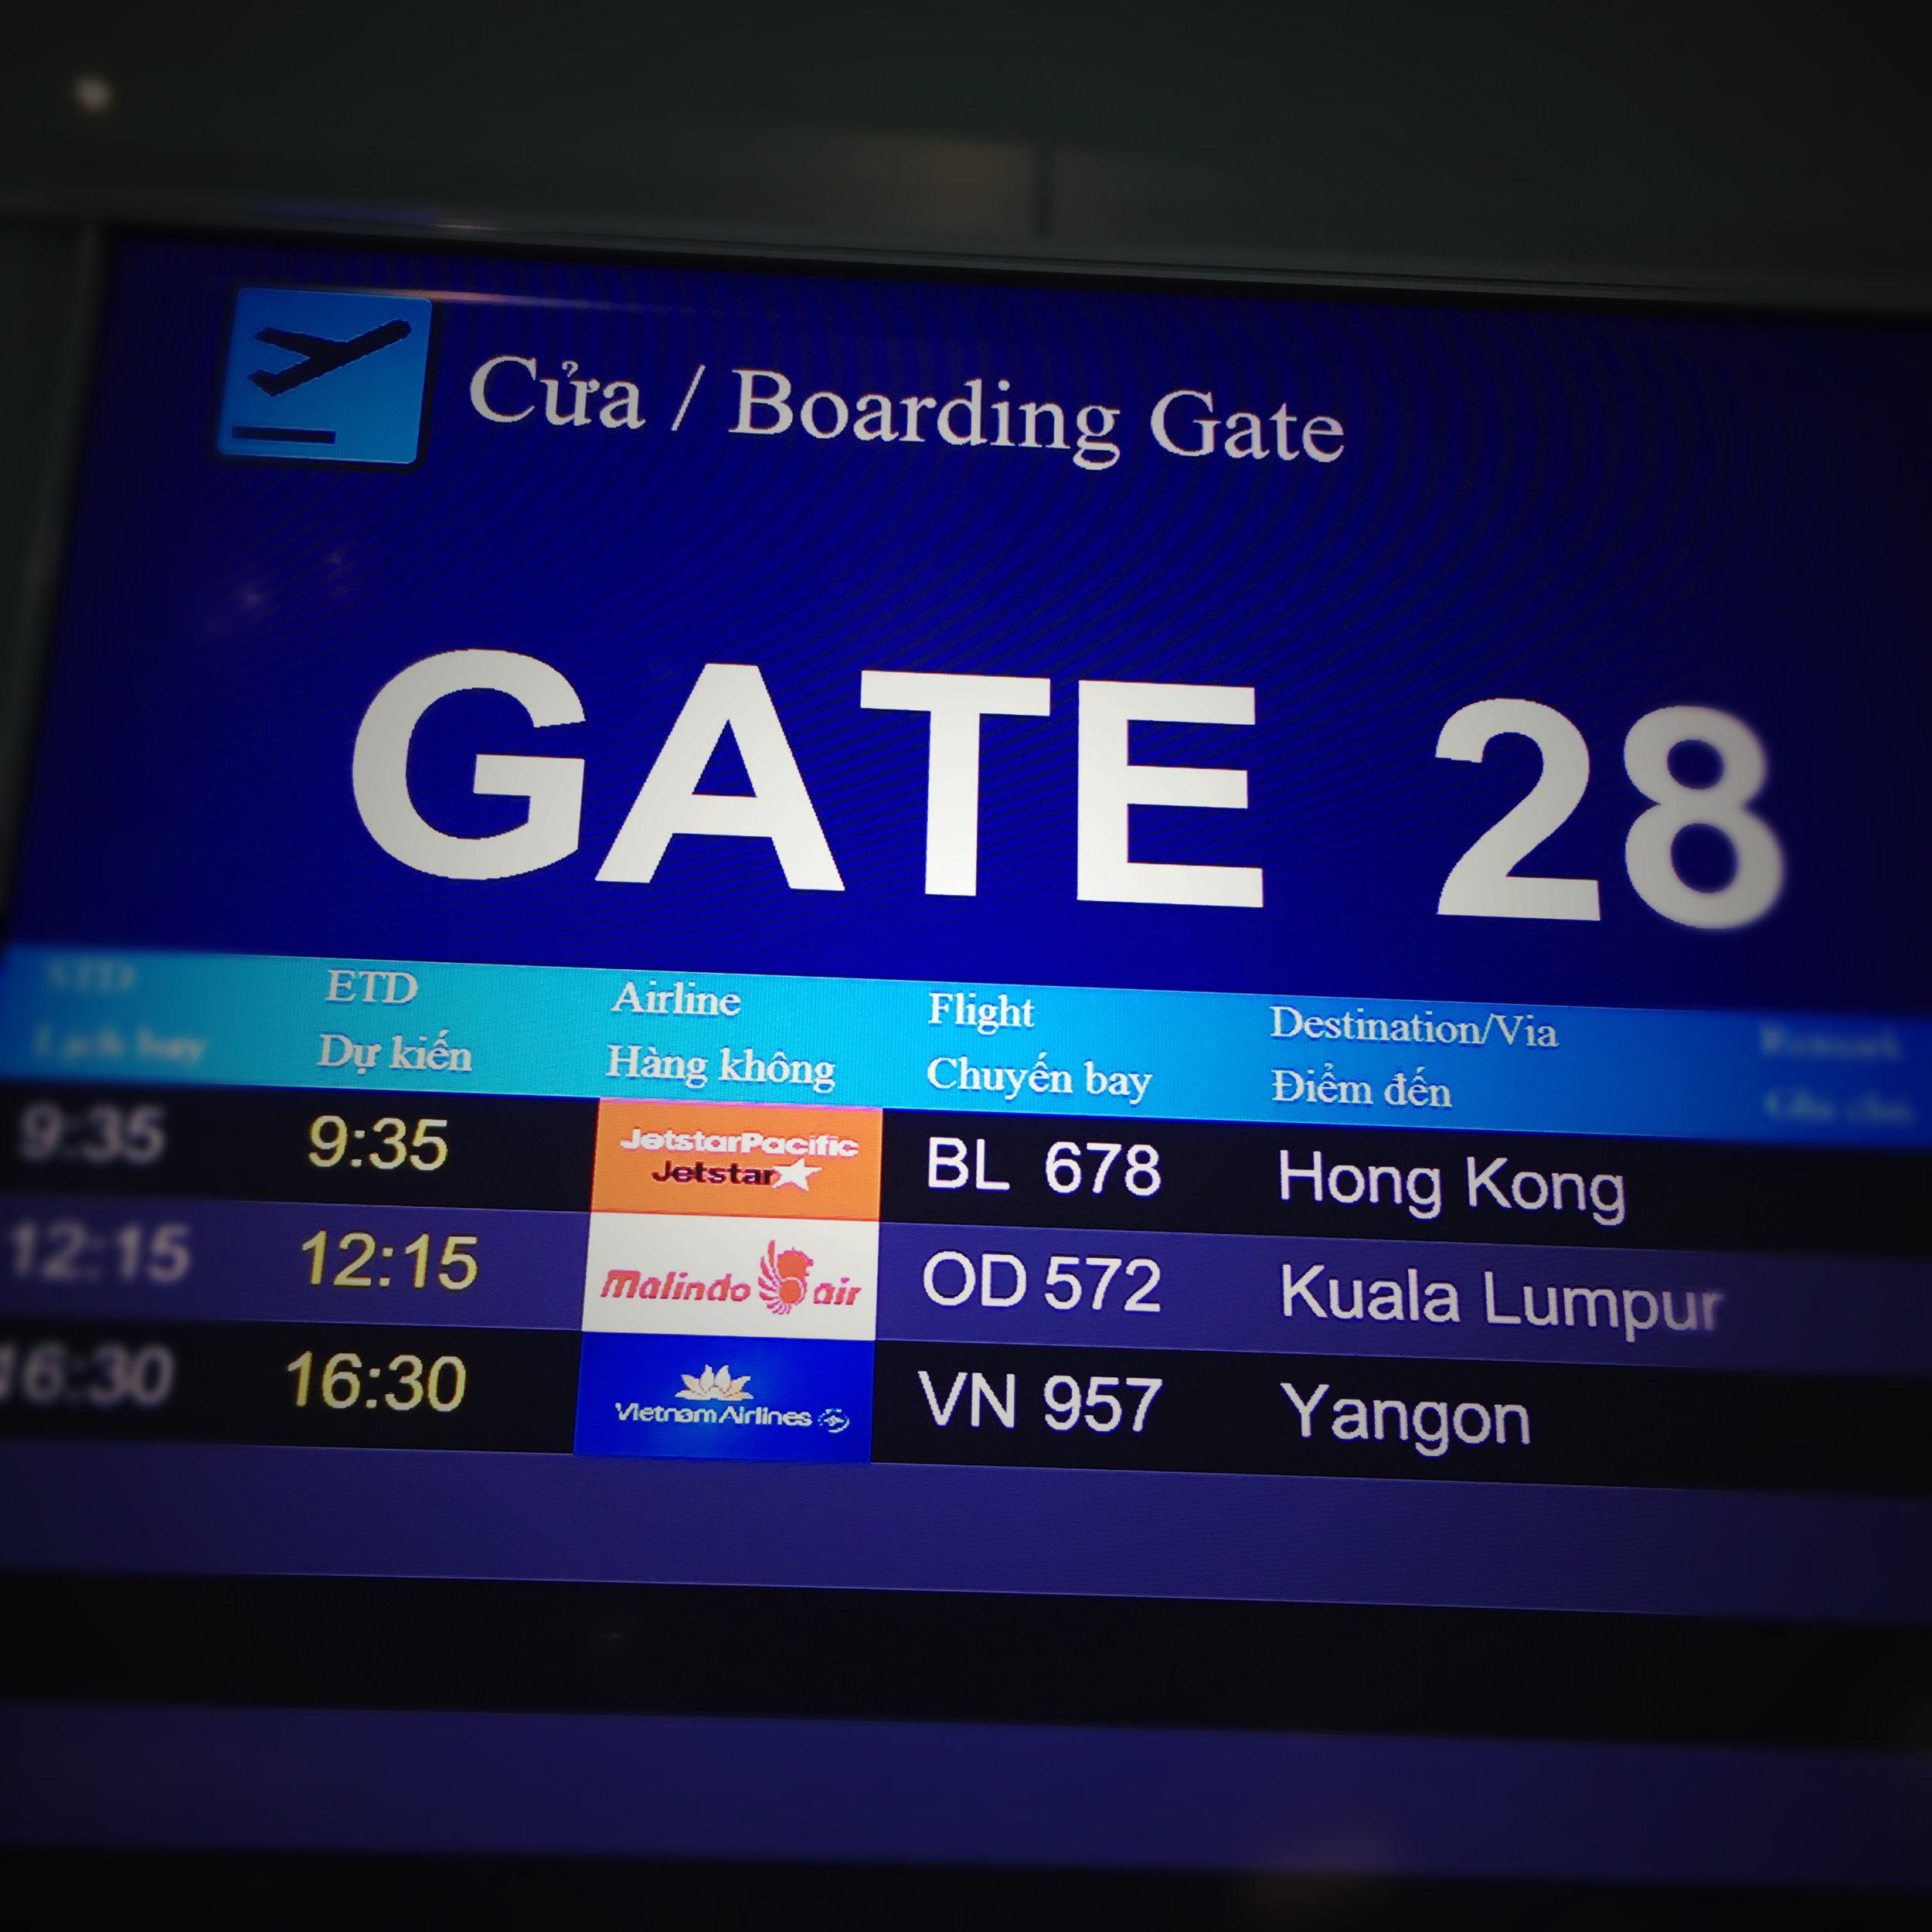 gate28.jpg